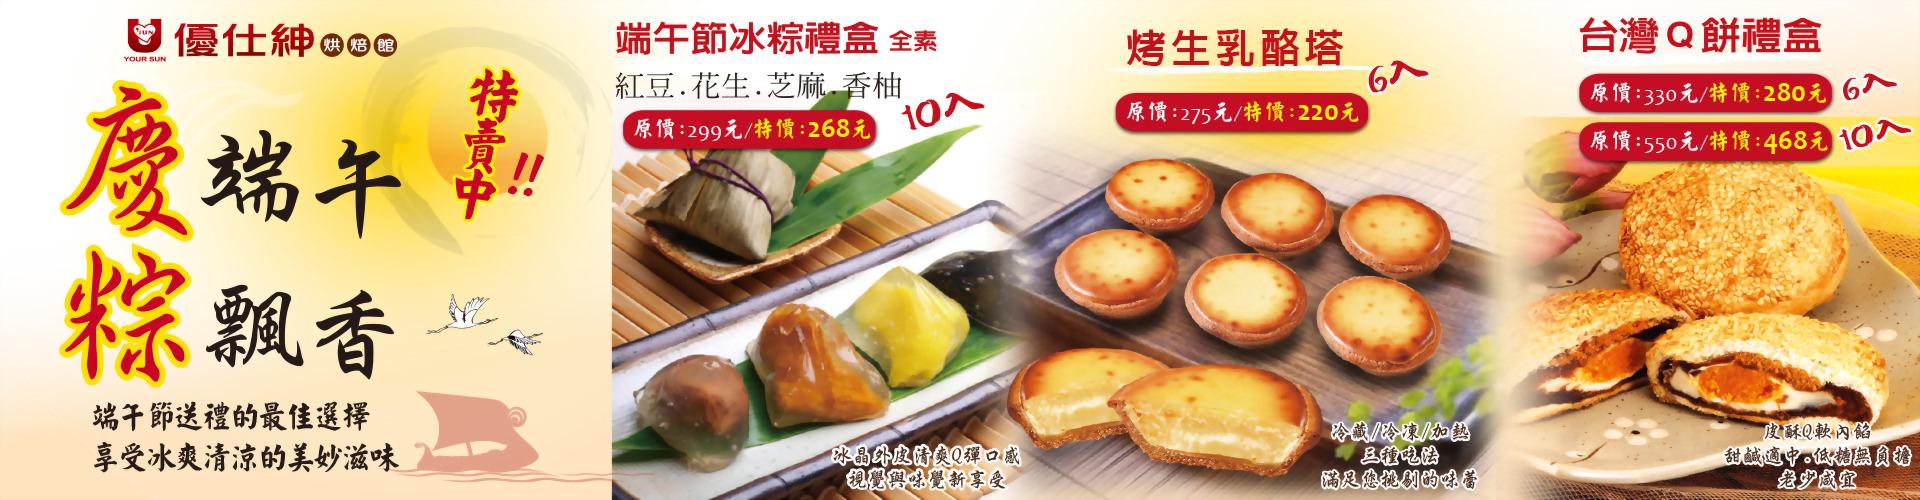 端午節禮盒 | 優仕紳慶端午粽飄香各式端午節禮盒特賣中